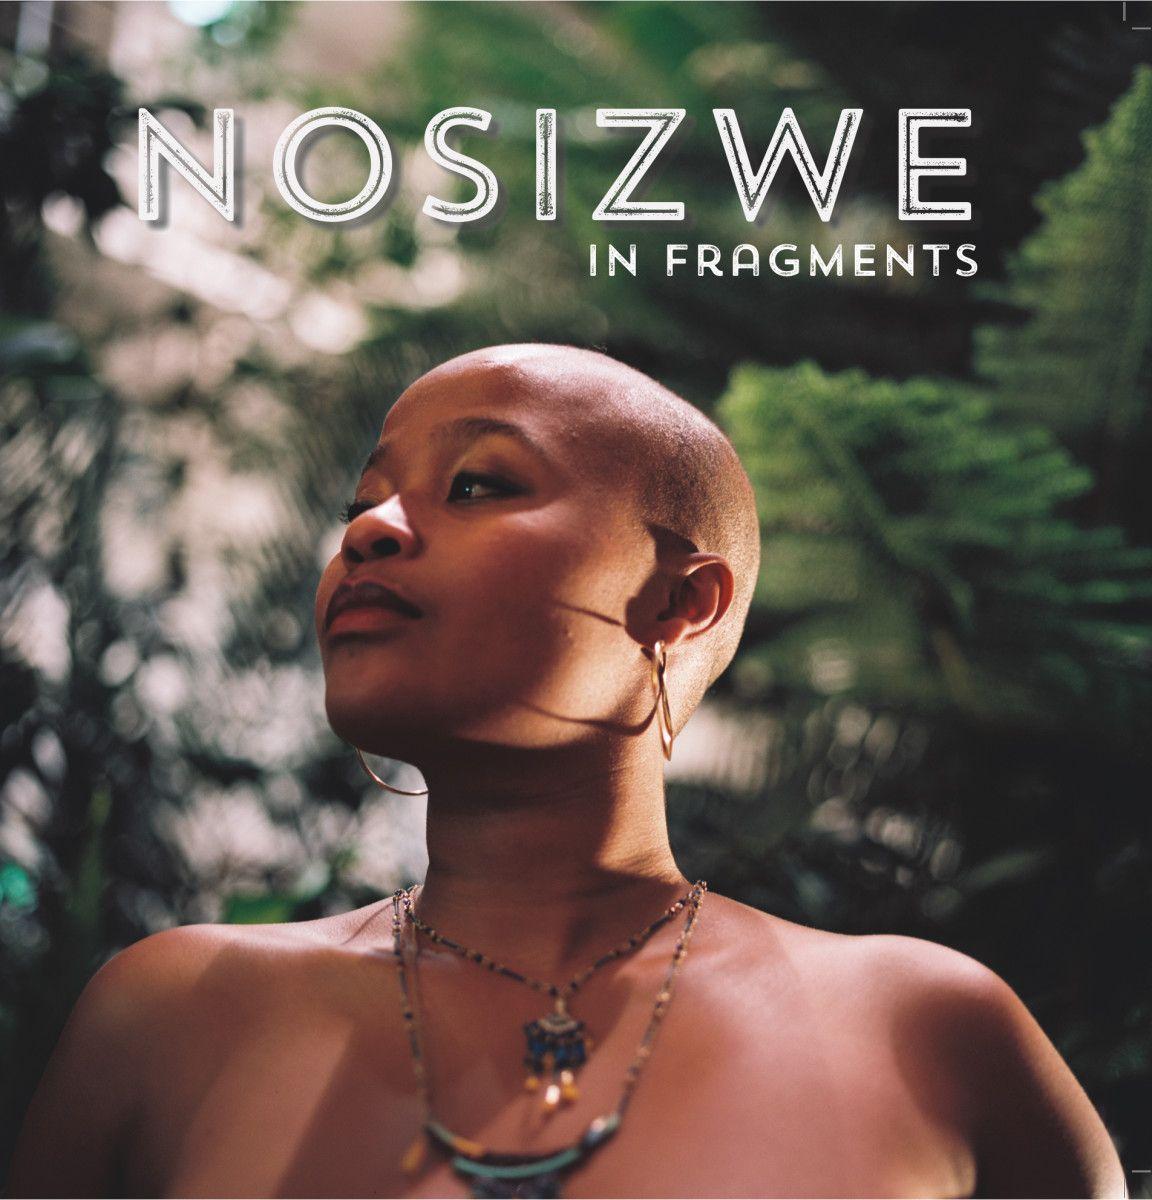 Nosizwe – In Fragments